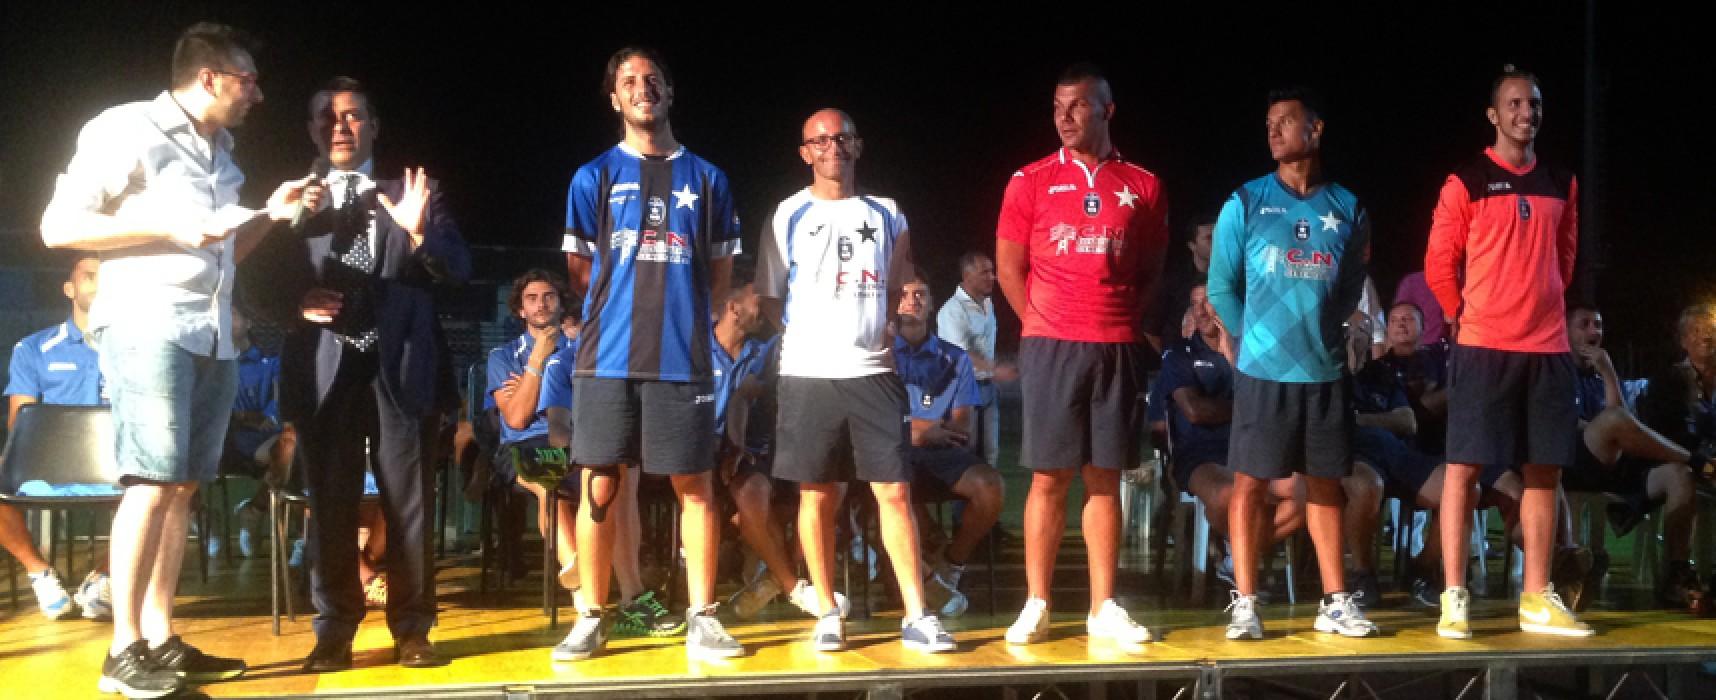 Il Bisceglie Calcio si presenta ai propri tifosi, domenica l'esordio ufficiale